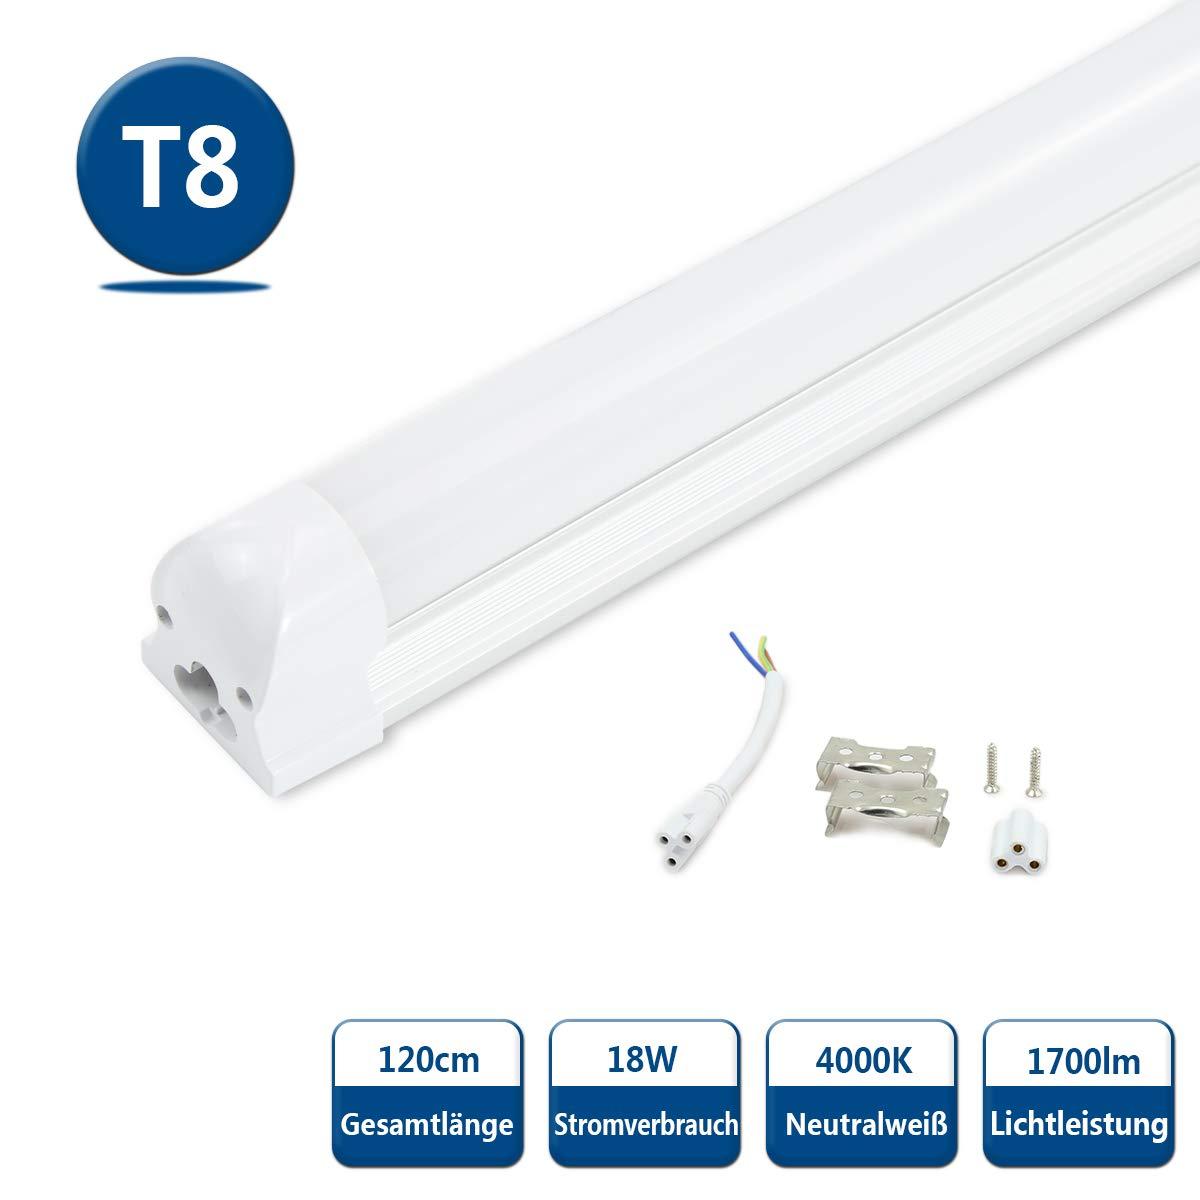 Luci Al Neon Per Ufficio.Neon Led Tubo Lampada Fluorescente T8 Tubi Led 120cm 18w G13 Smd2835